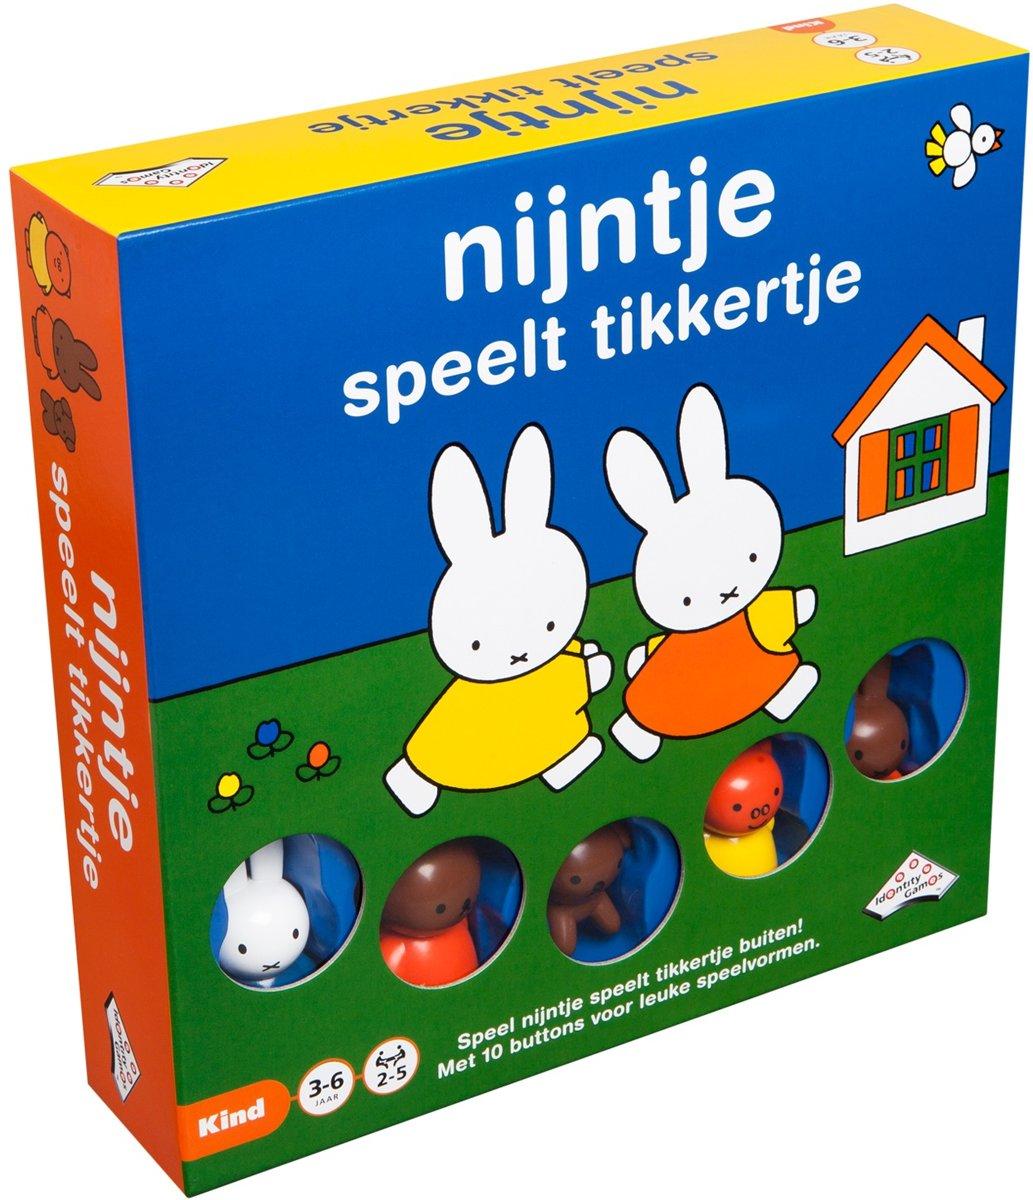 Nijntje Speelt Tikkertje - Kinderspel